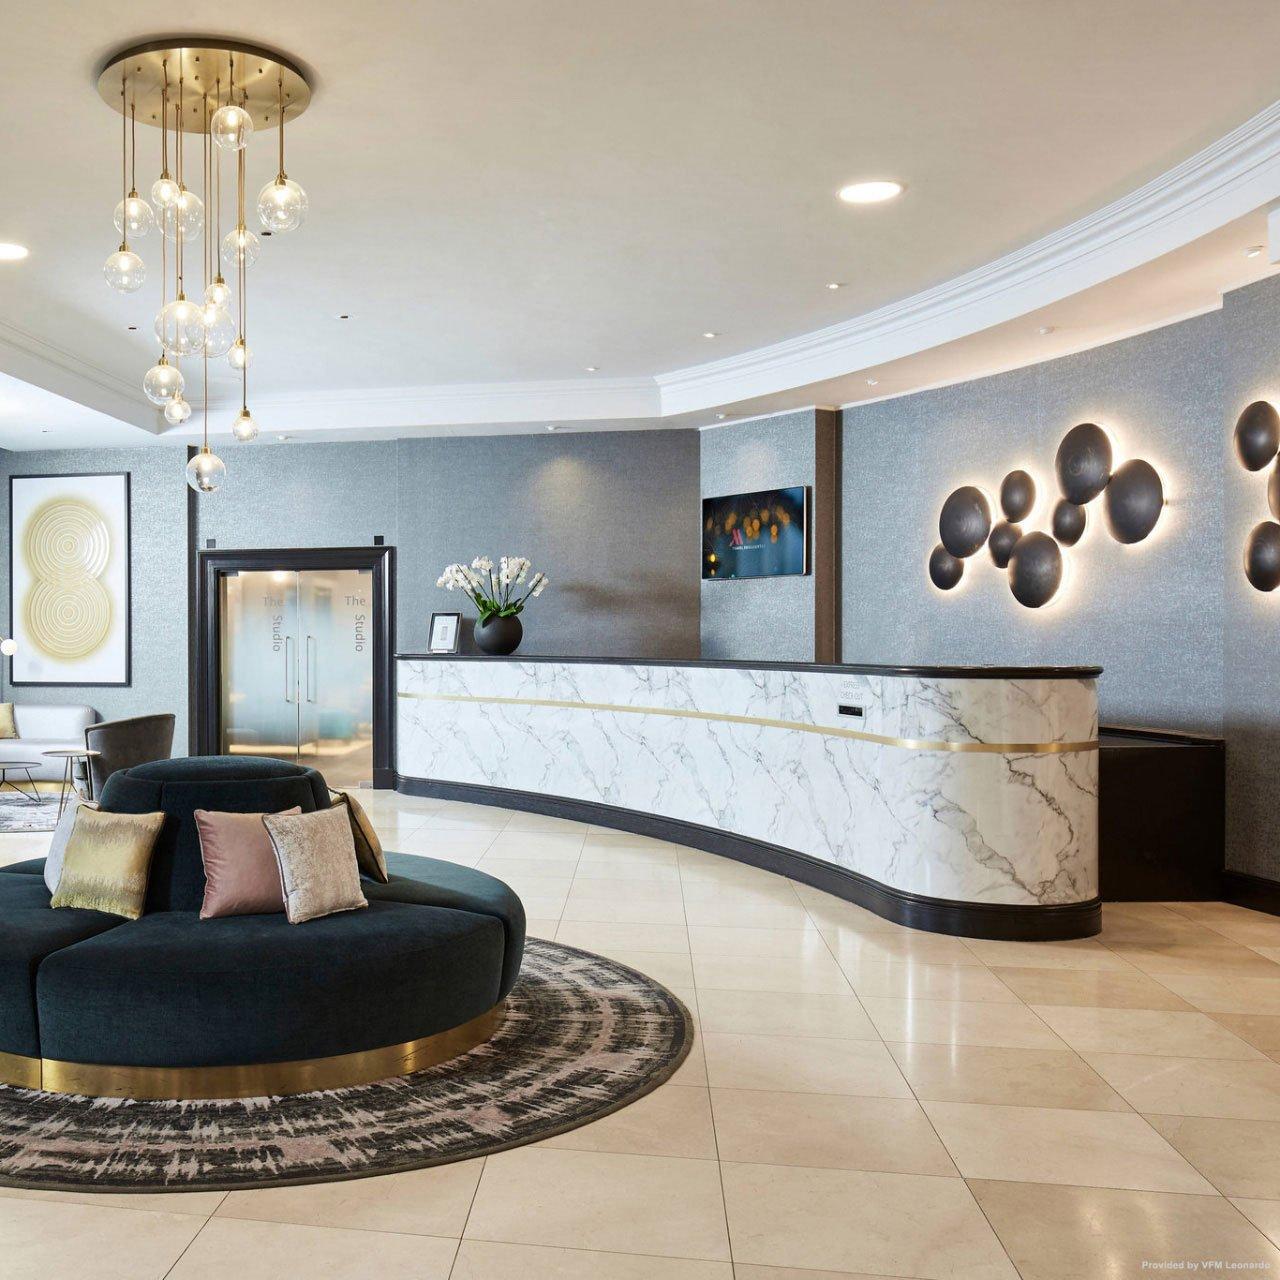 1 London Marriott Hotel Maida Vale London Hall 3 160102 web